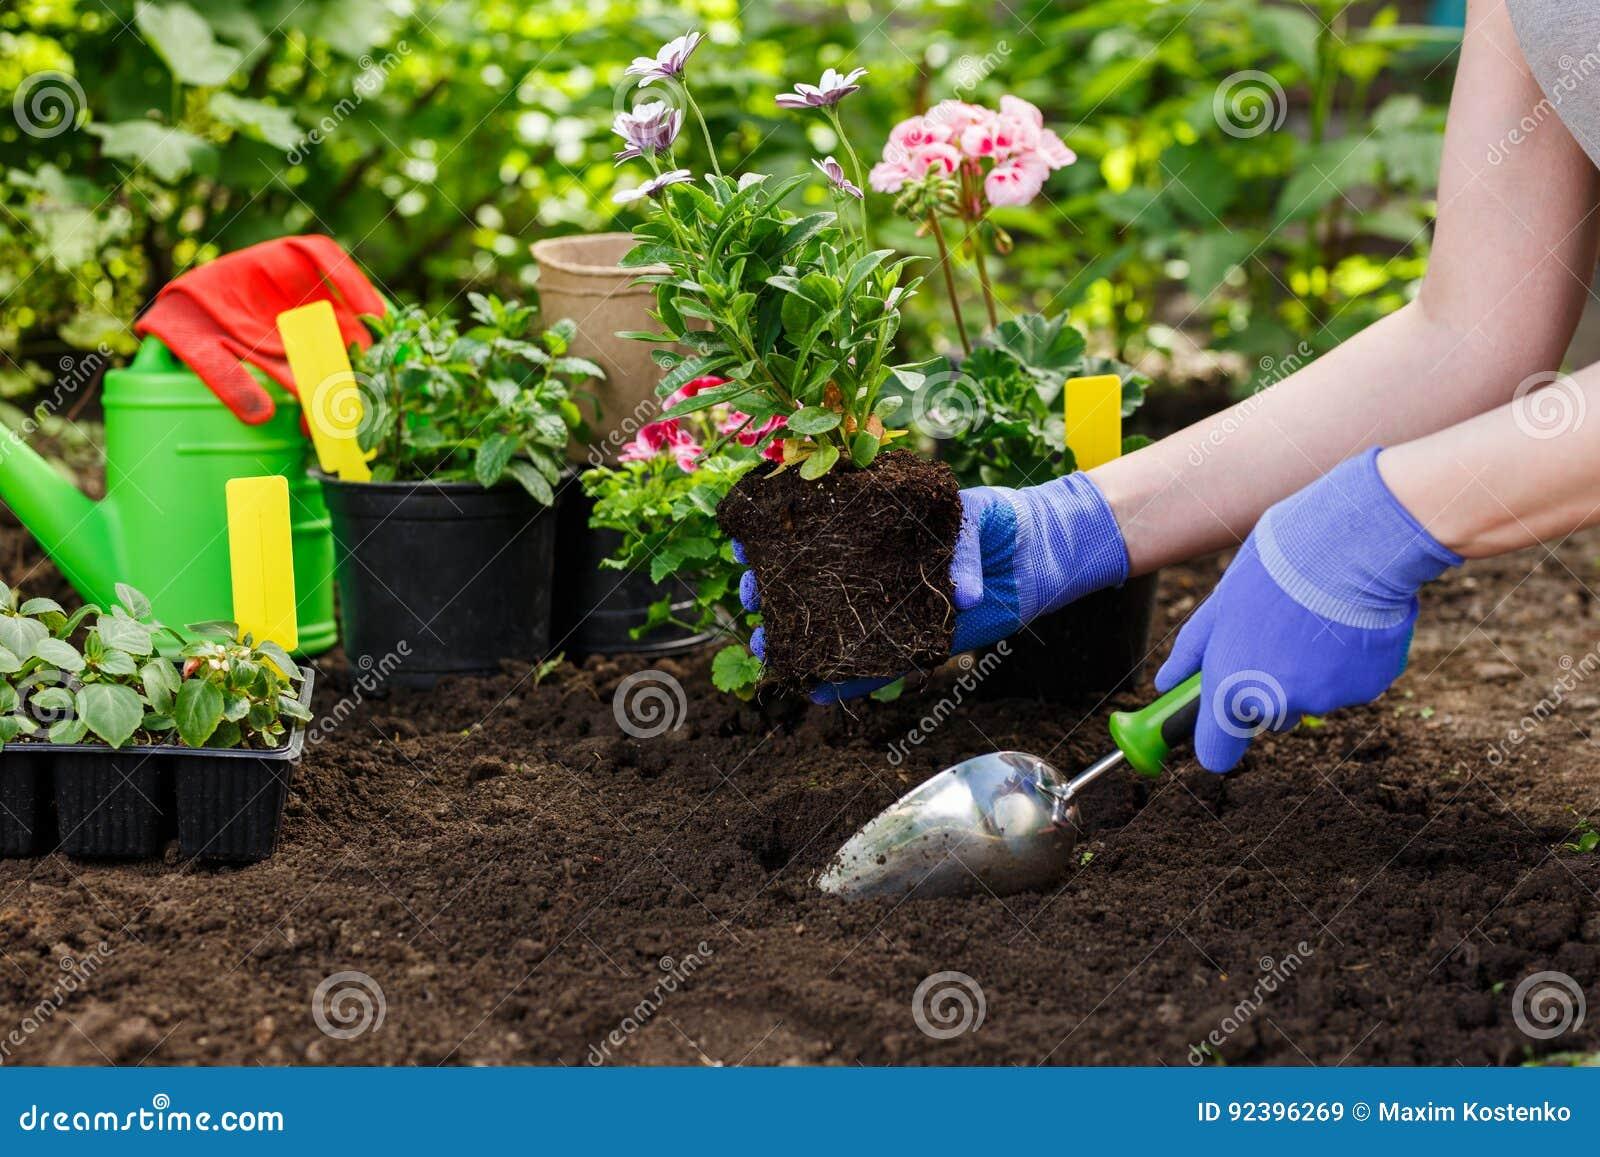 Τα χέρια κηπουρών που φυτεύουν τα λουλούδια στον κήπο, κλείνουν επάνω τη φωτογραφία